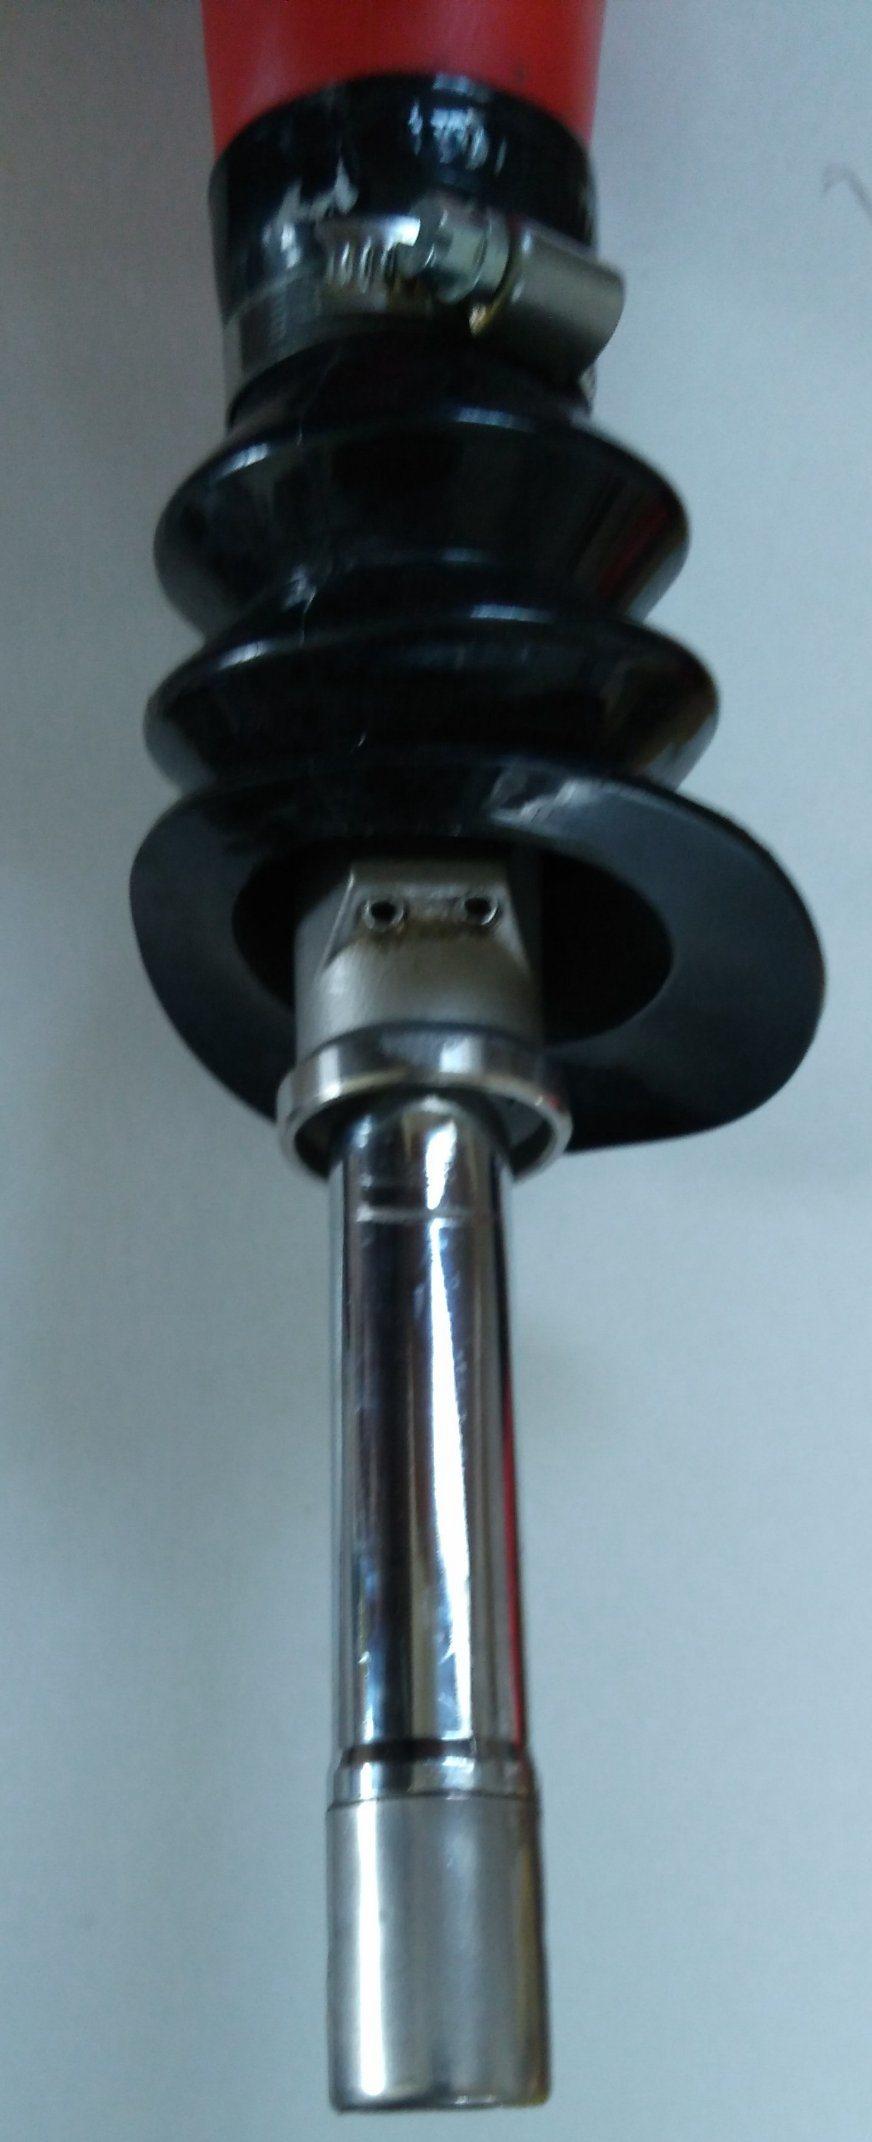 Maide Fuel Nozzle Vapor Recovery Nozzle